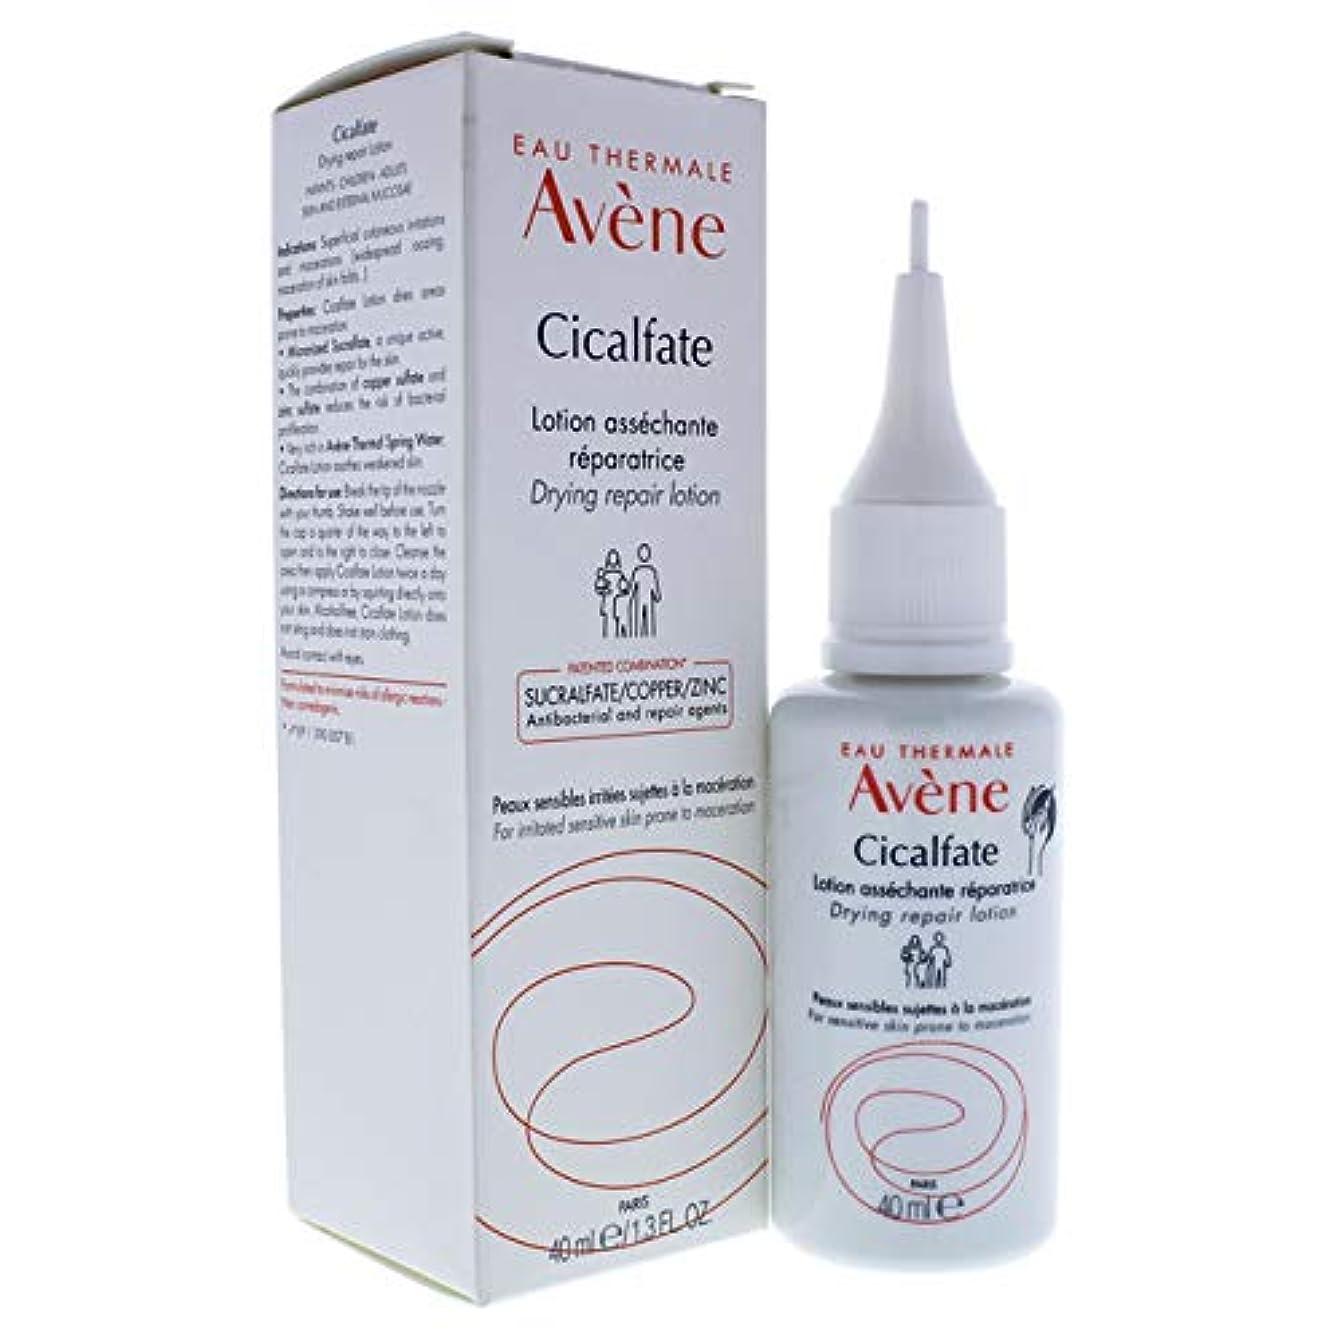 Avene Cicalfate Drying Antibacterial Repair Lotion 40ml